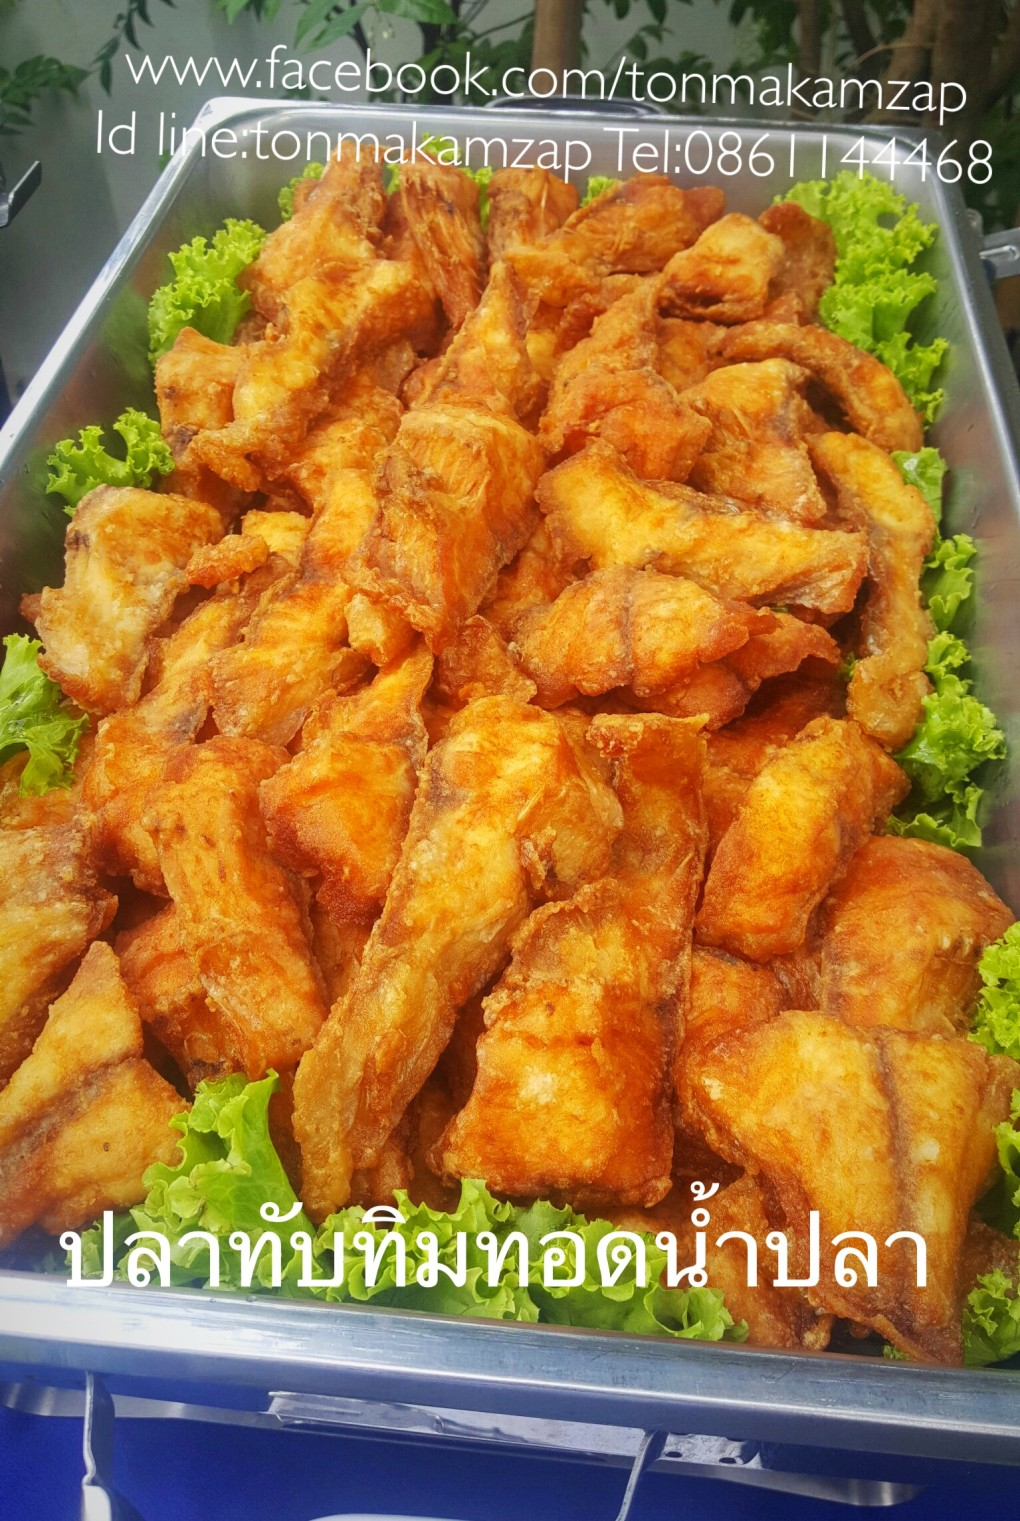 ปลาทับทิมทอดน้ำปลาเมนูอร่อยร้านต้นมะขาม